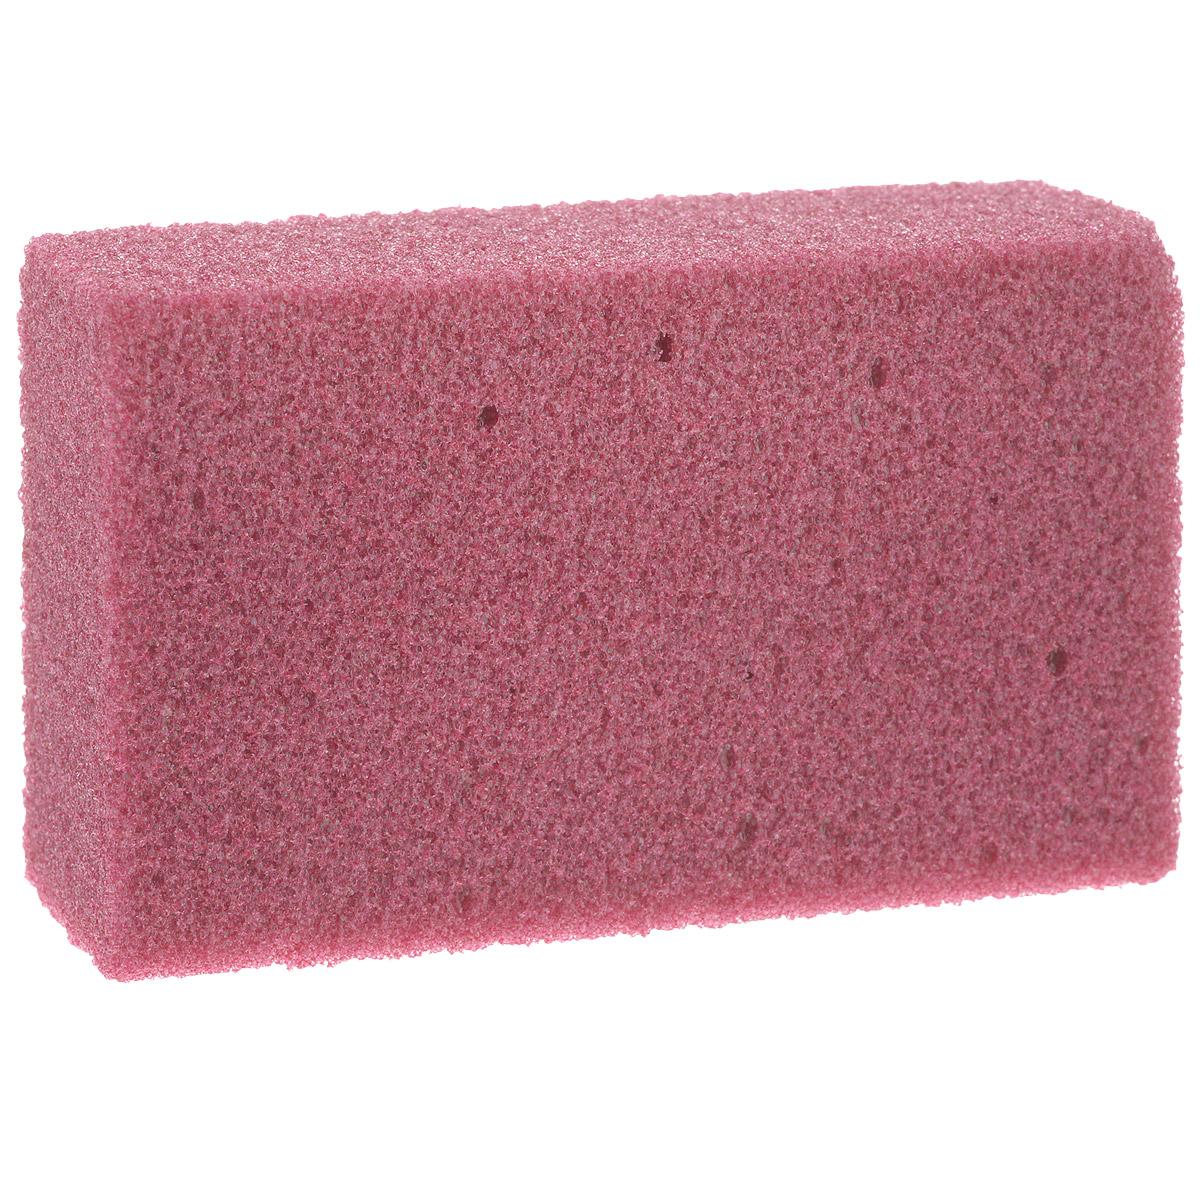 Пемза искусственная Eva, цвет: малиновый, 8 х 5 х 2,5 смТ74Искусственная пемза Eva изготовлена из пенополиуретана. Она в одно мгновение справиться с огрубевшей кожей ног. После ее использования кожа ваших ног станет гладкой и эластичной. Этот замечательный аксессуар пригодится и в ванной, и в бане.